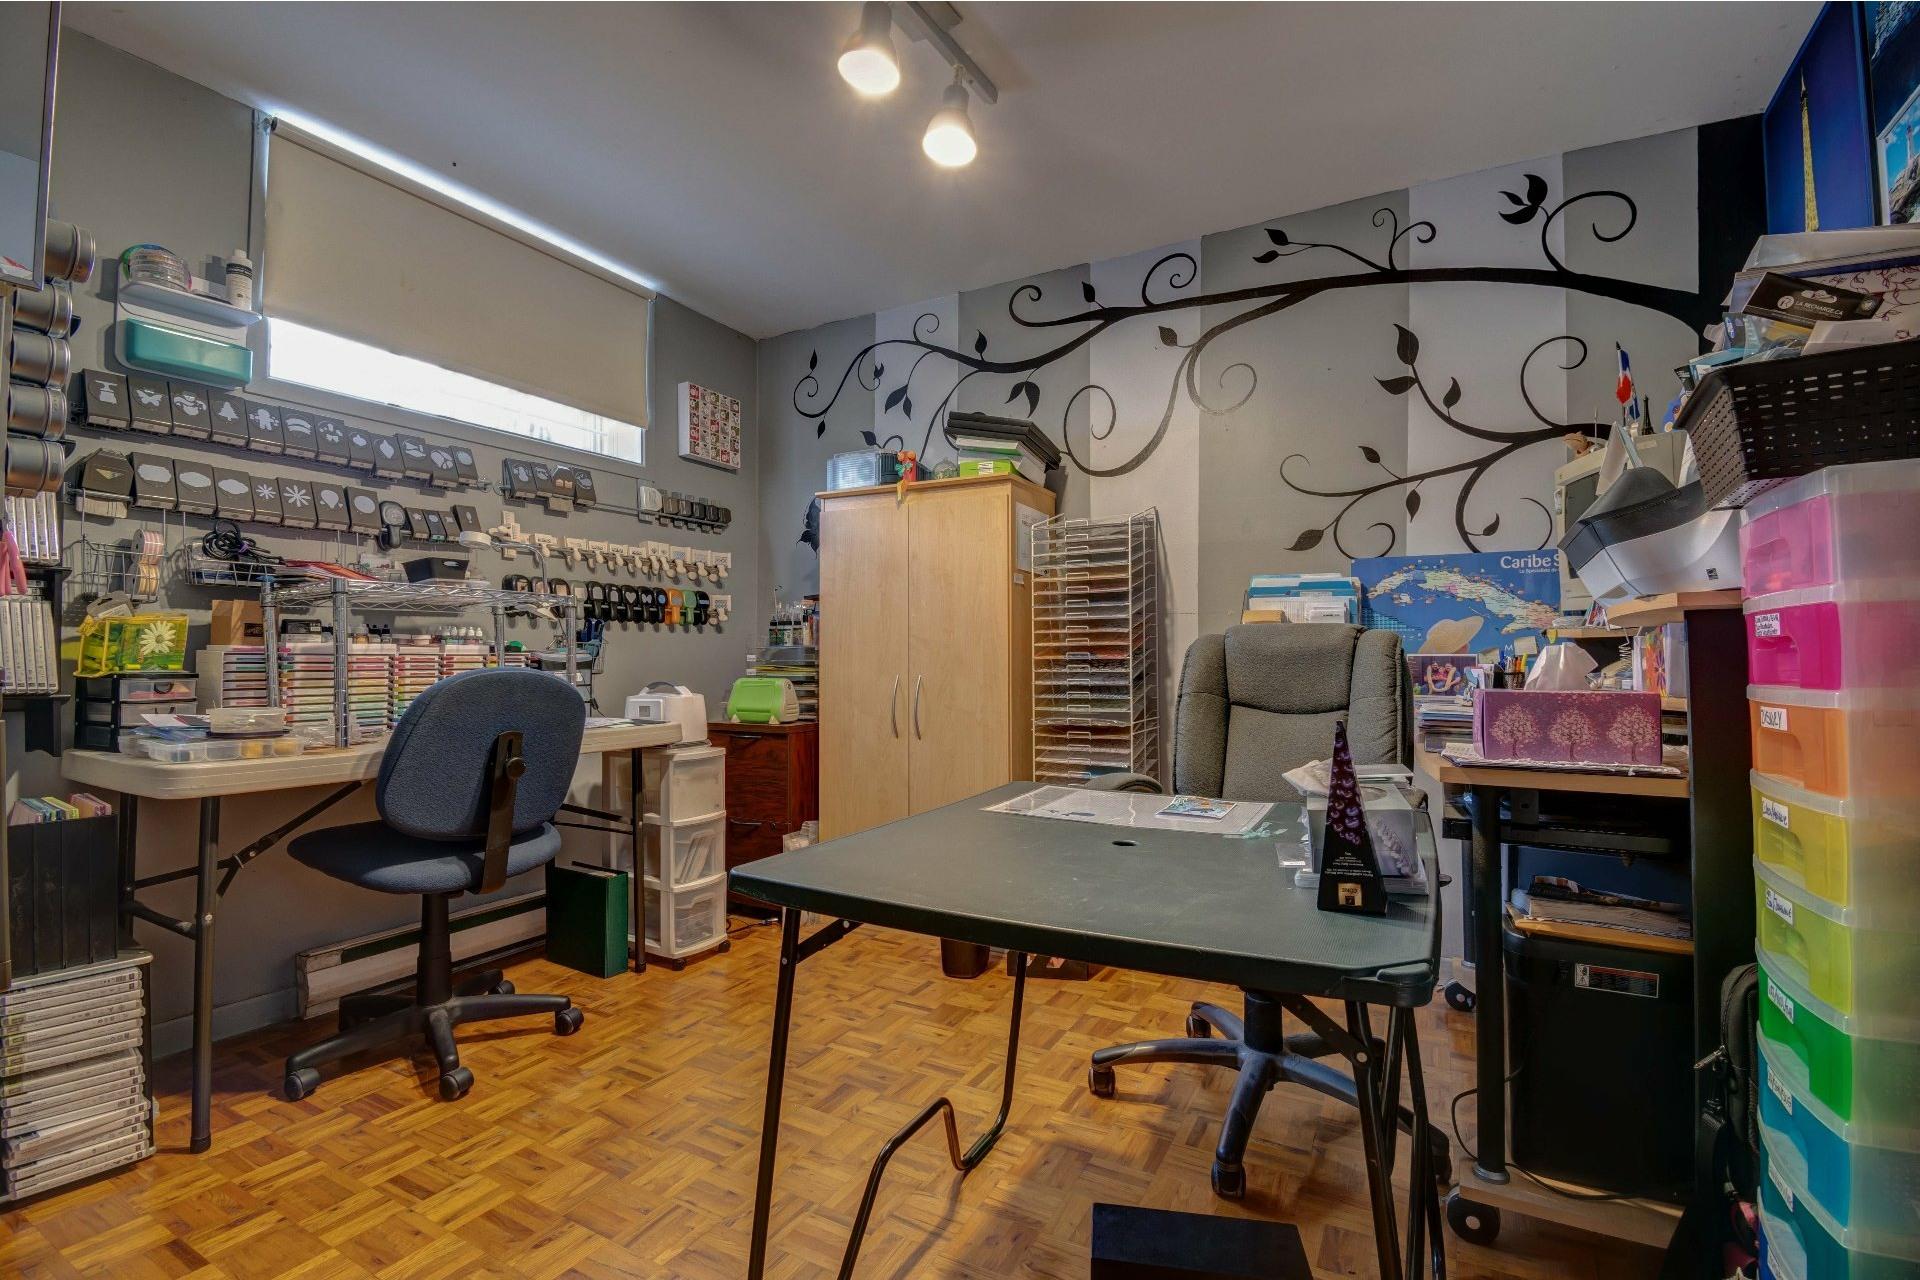 image 25 - Duplex À vendre Trois-Rivières - 6 pièces